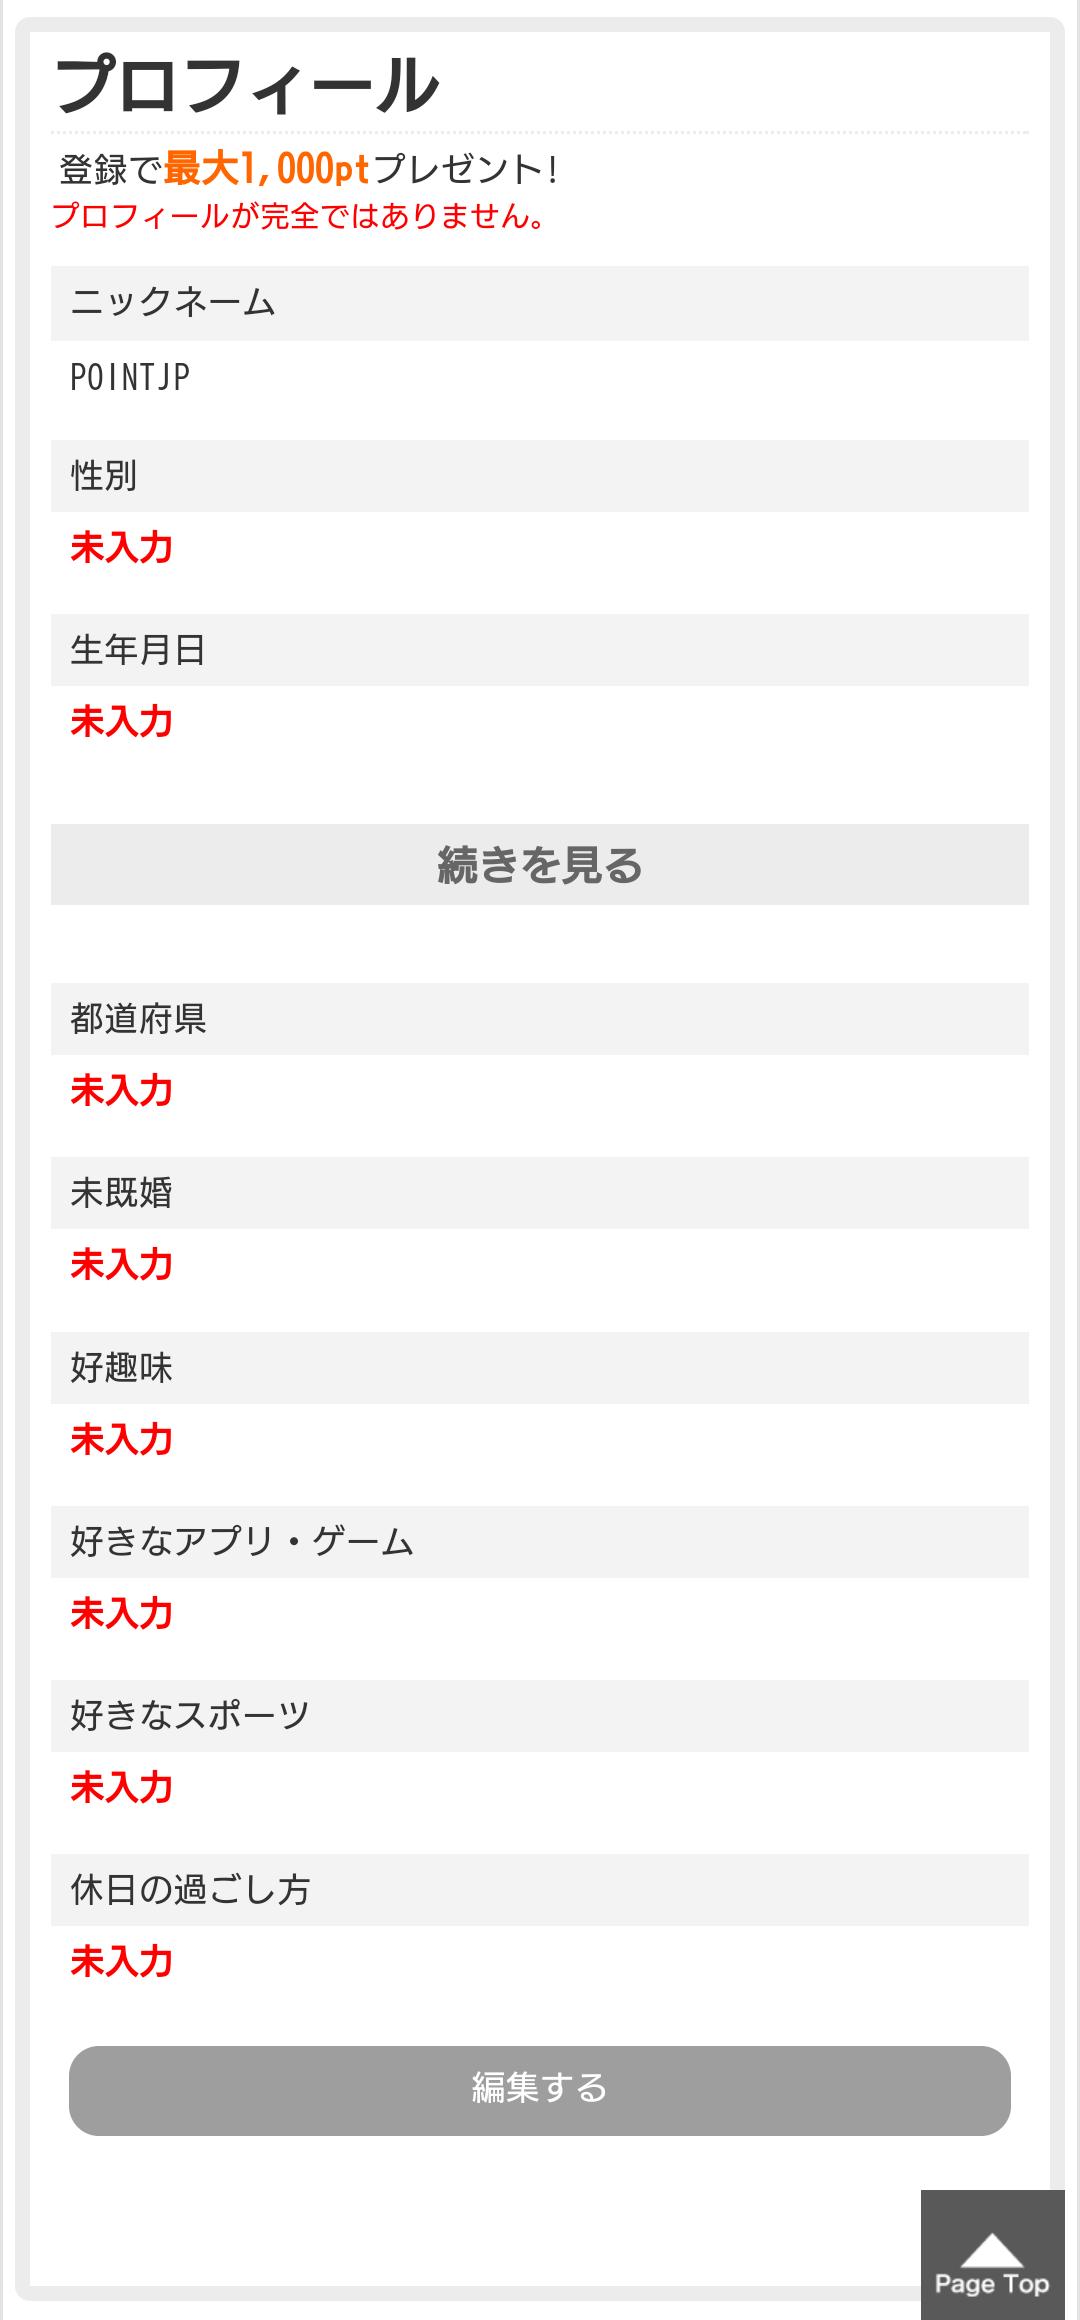 i2iポイント/プロフィール登録